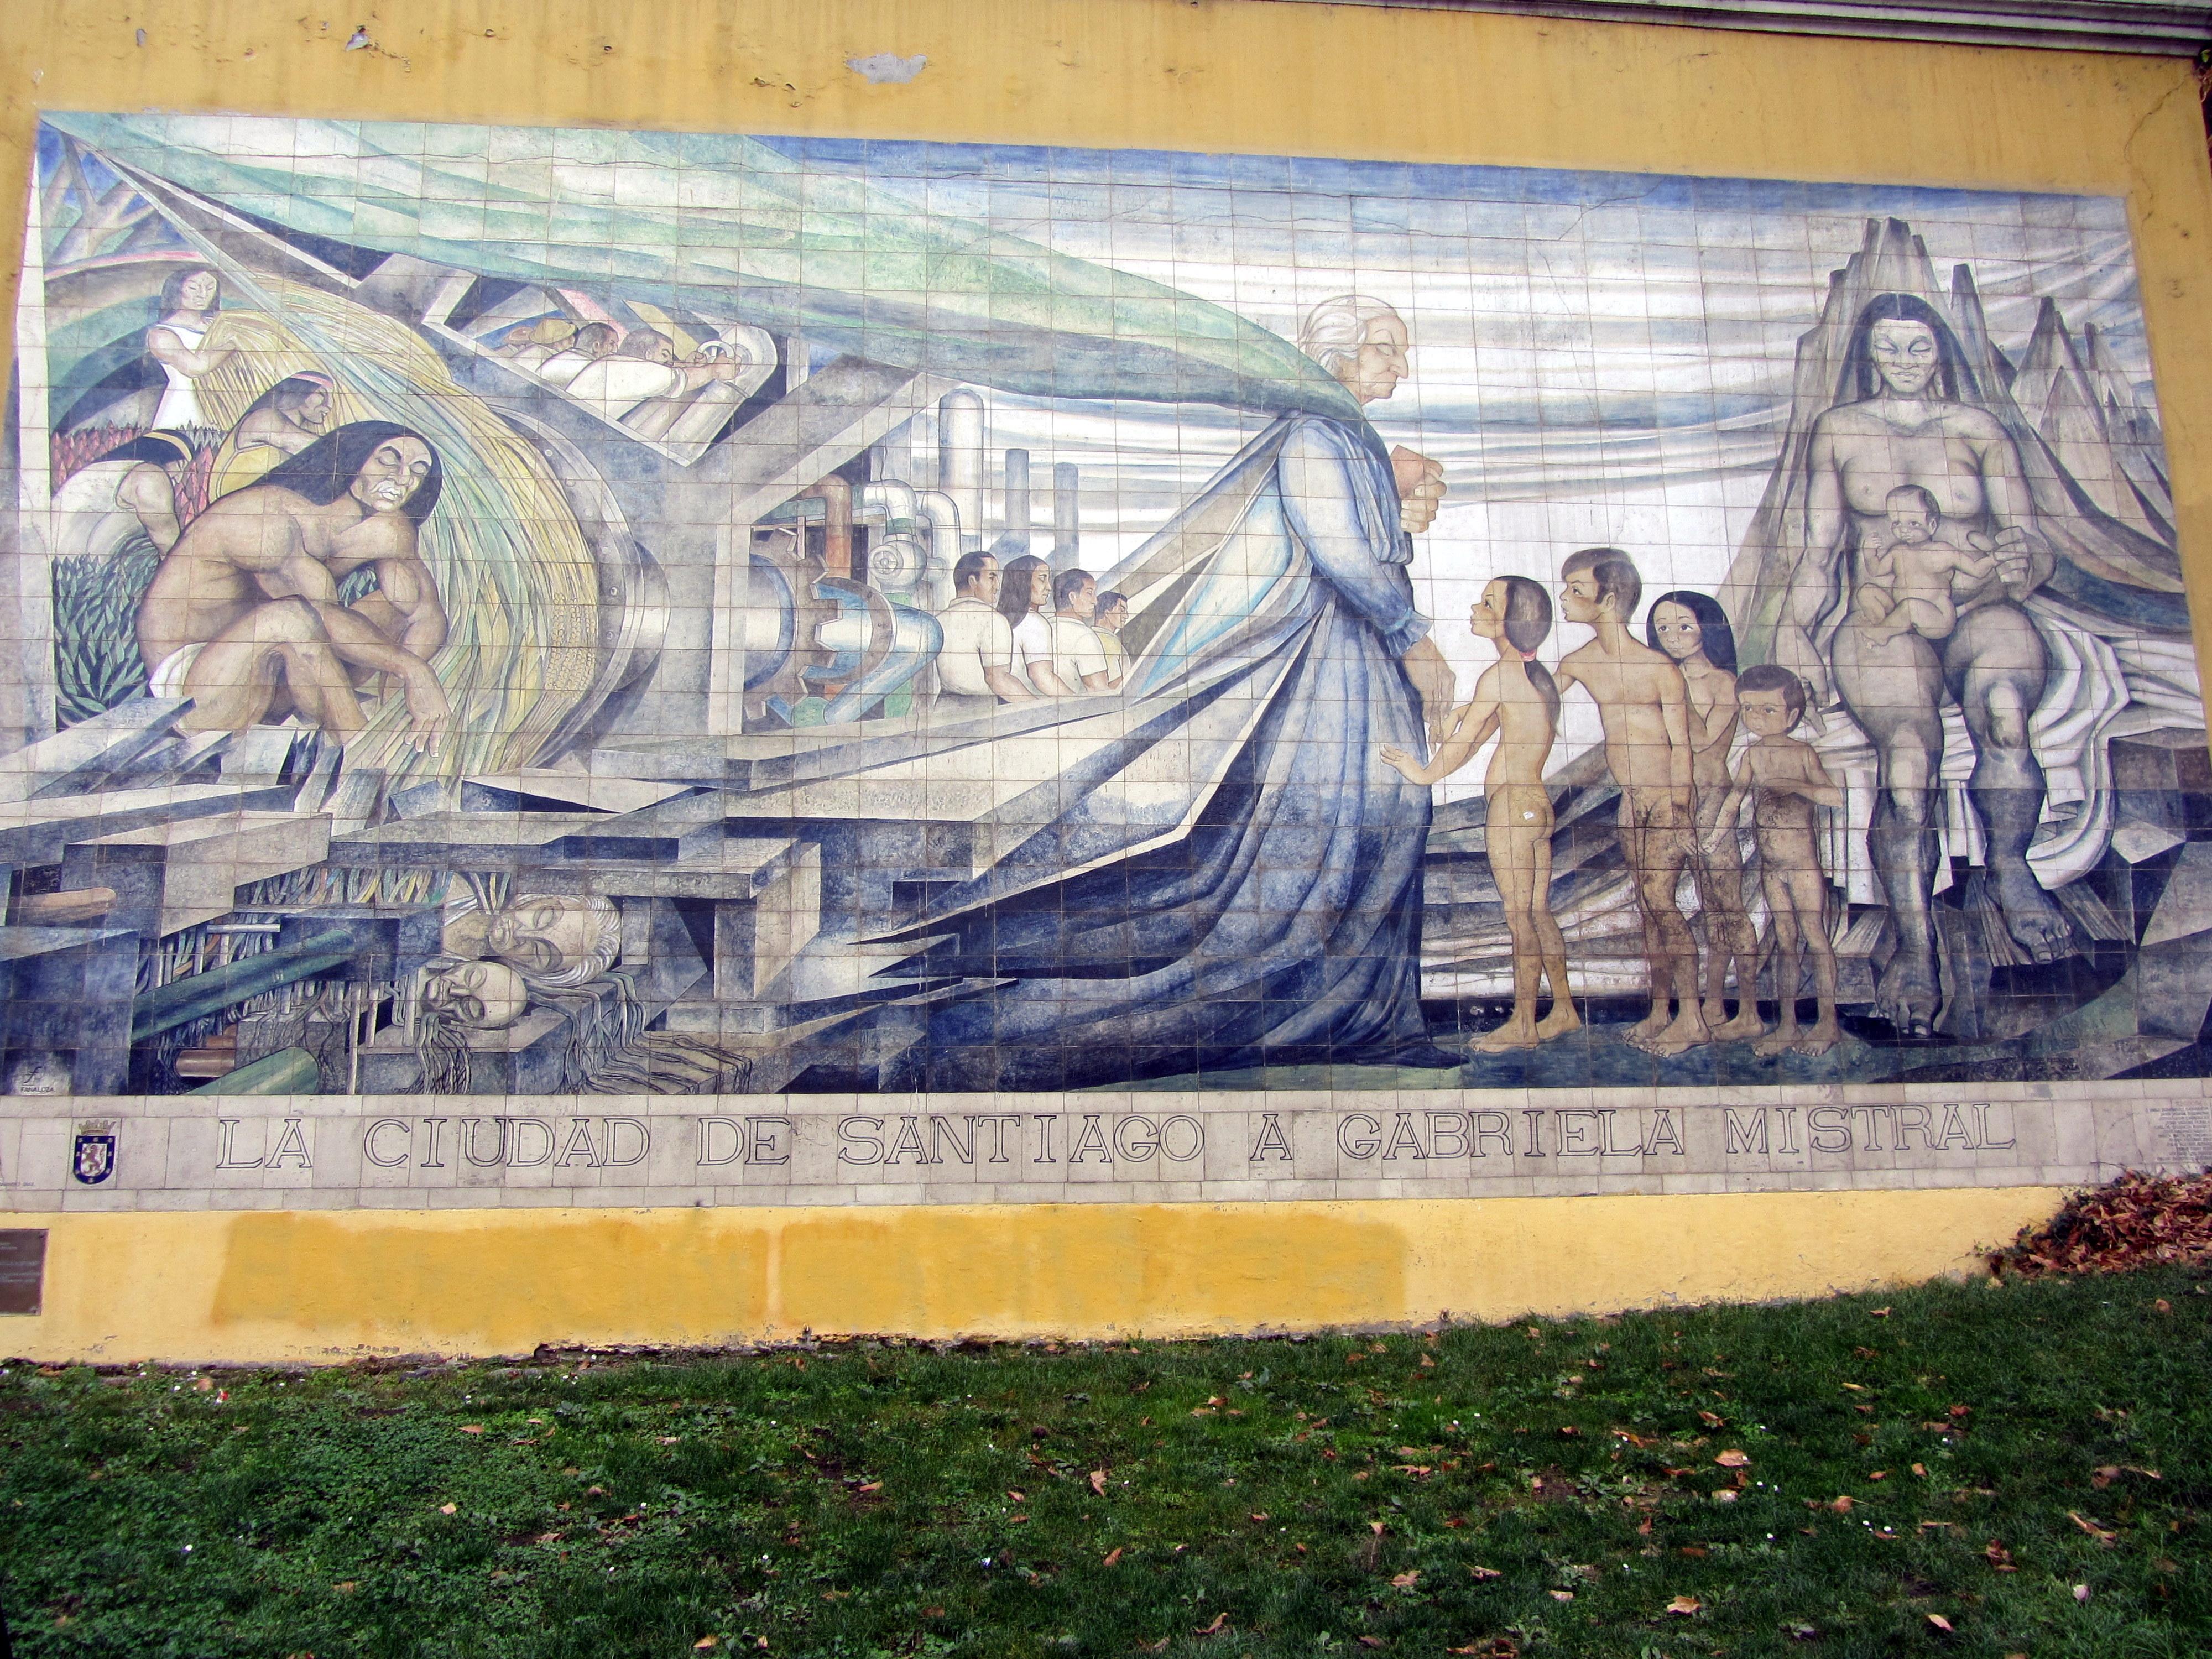 Mural en cerámina de Fernando Daza, ubicado en las faldas del costado sur del Cerro Santa Lucía, creado en 1971, y restaurado en 1997.